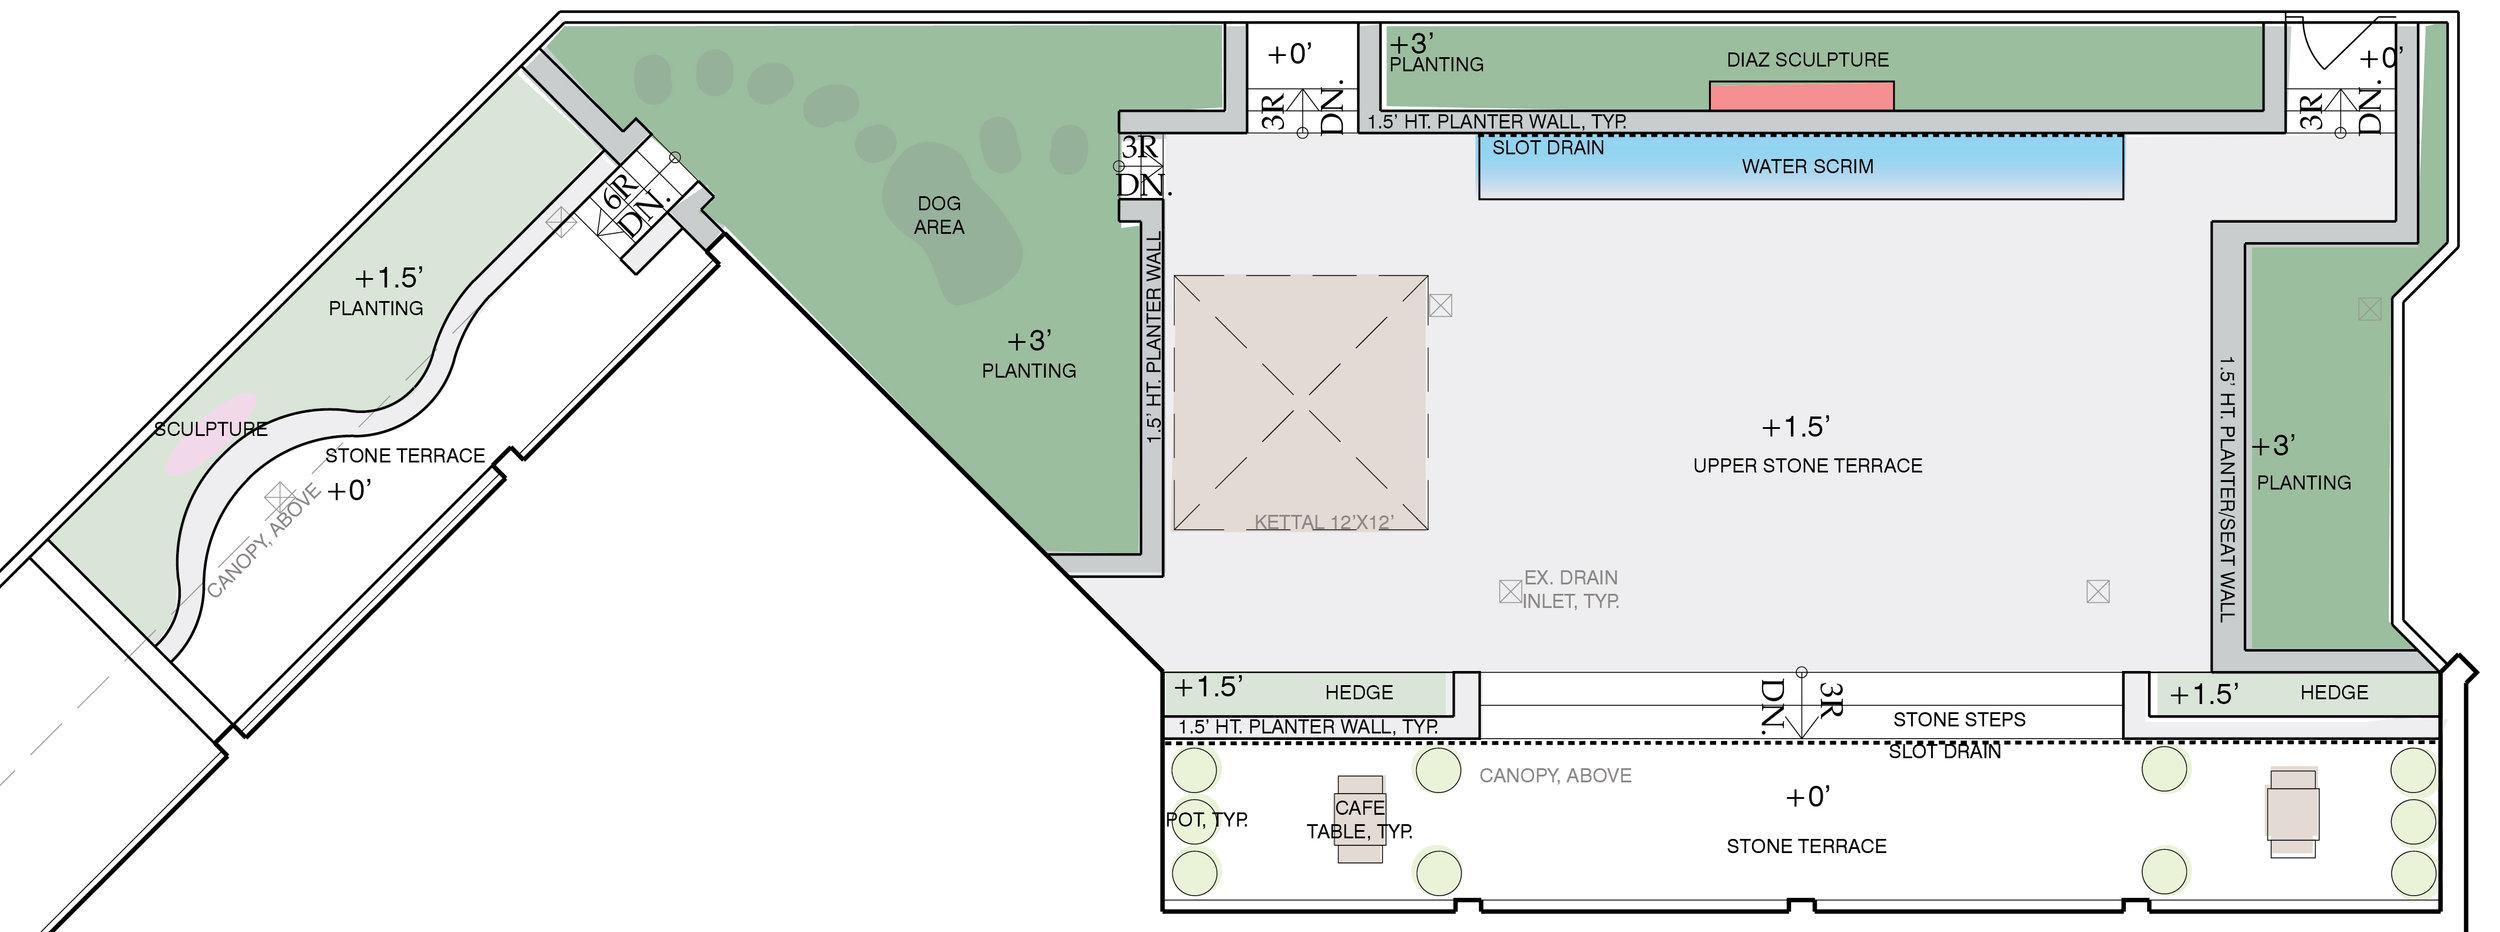 Schematic Design Layout Plan